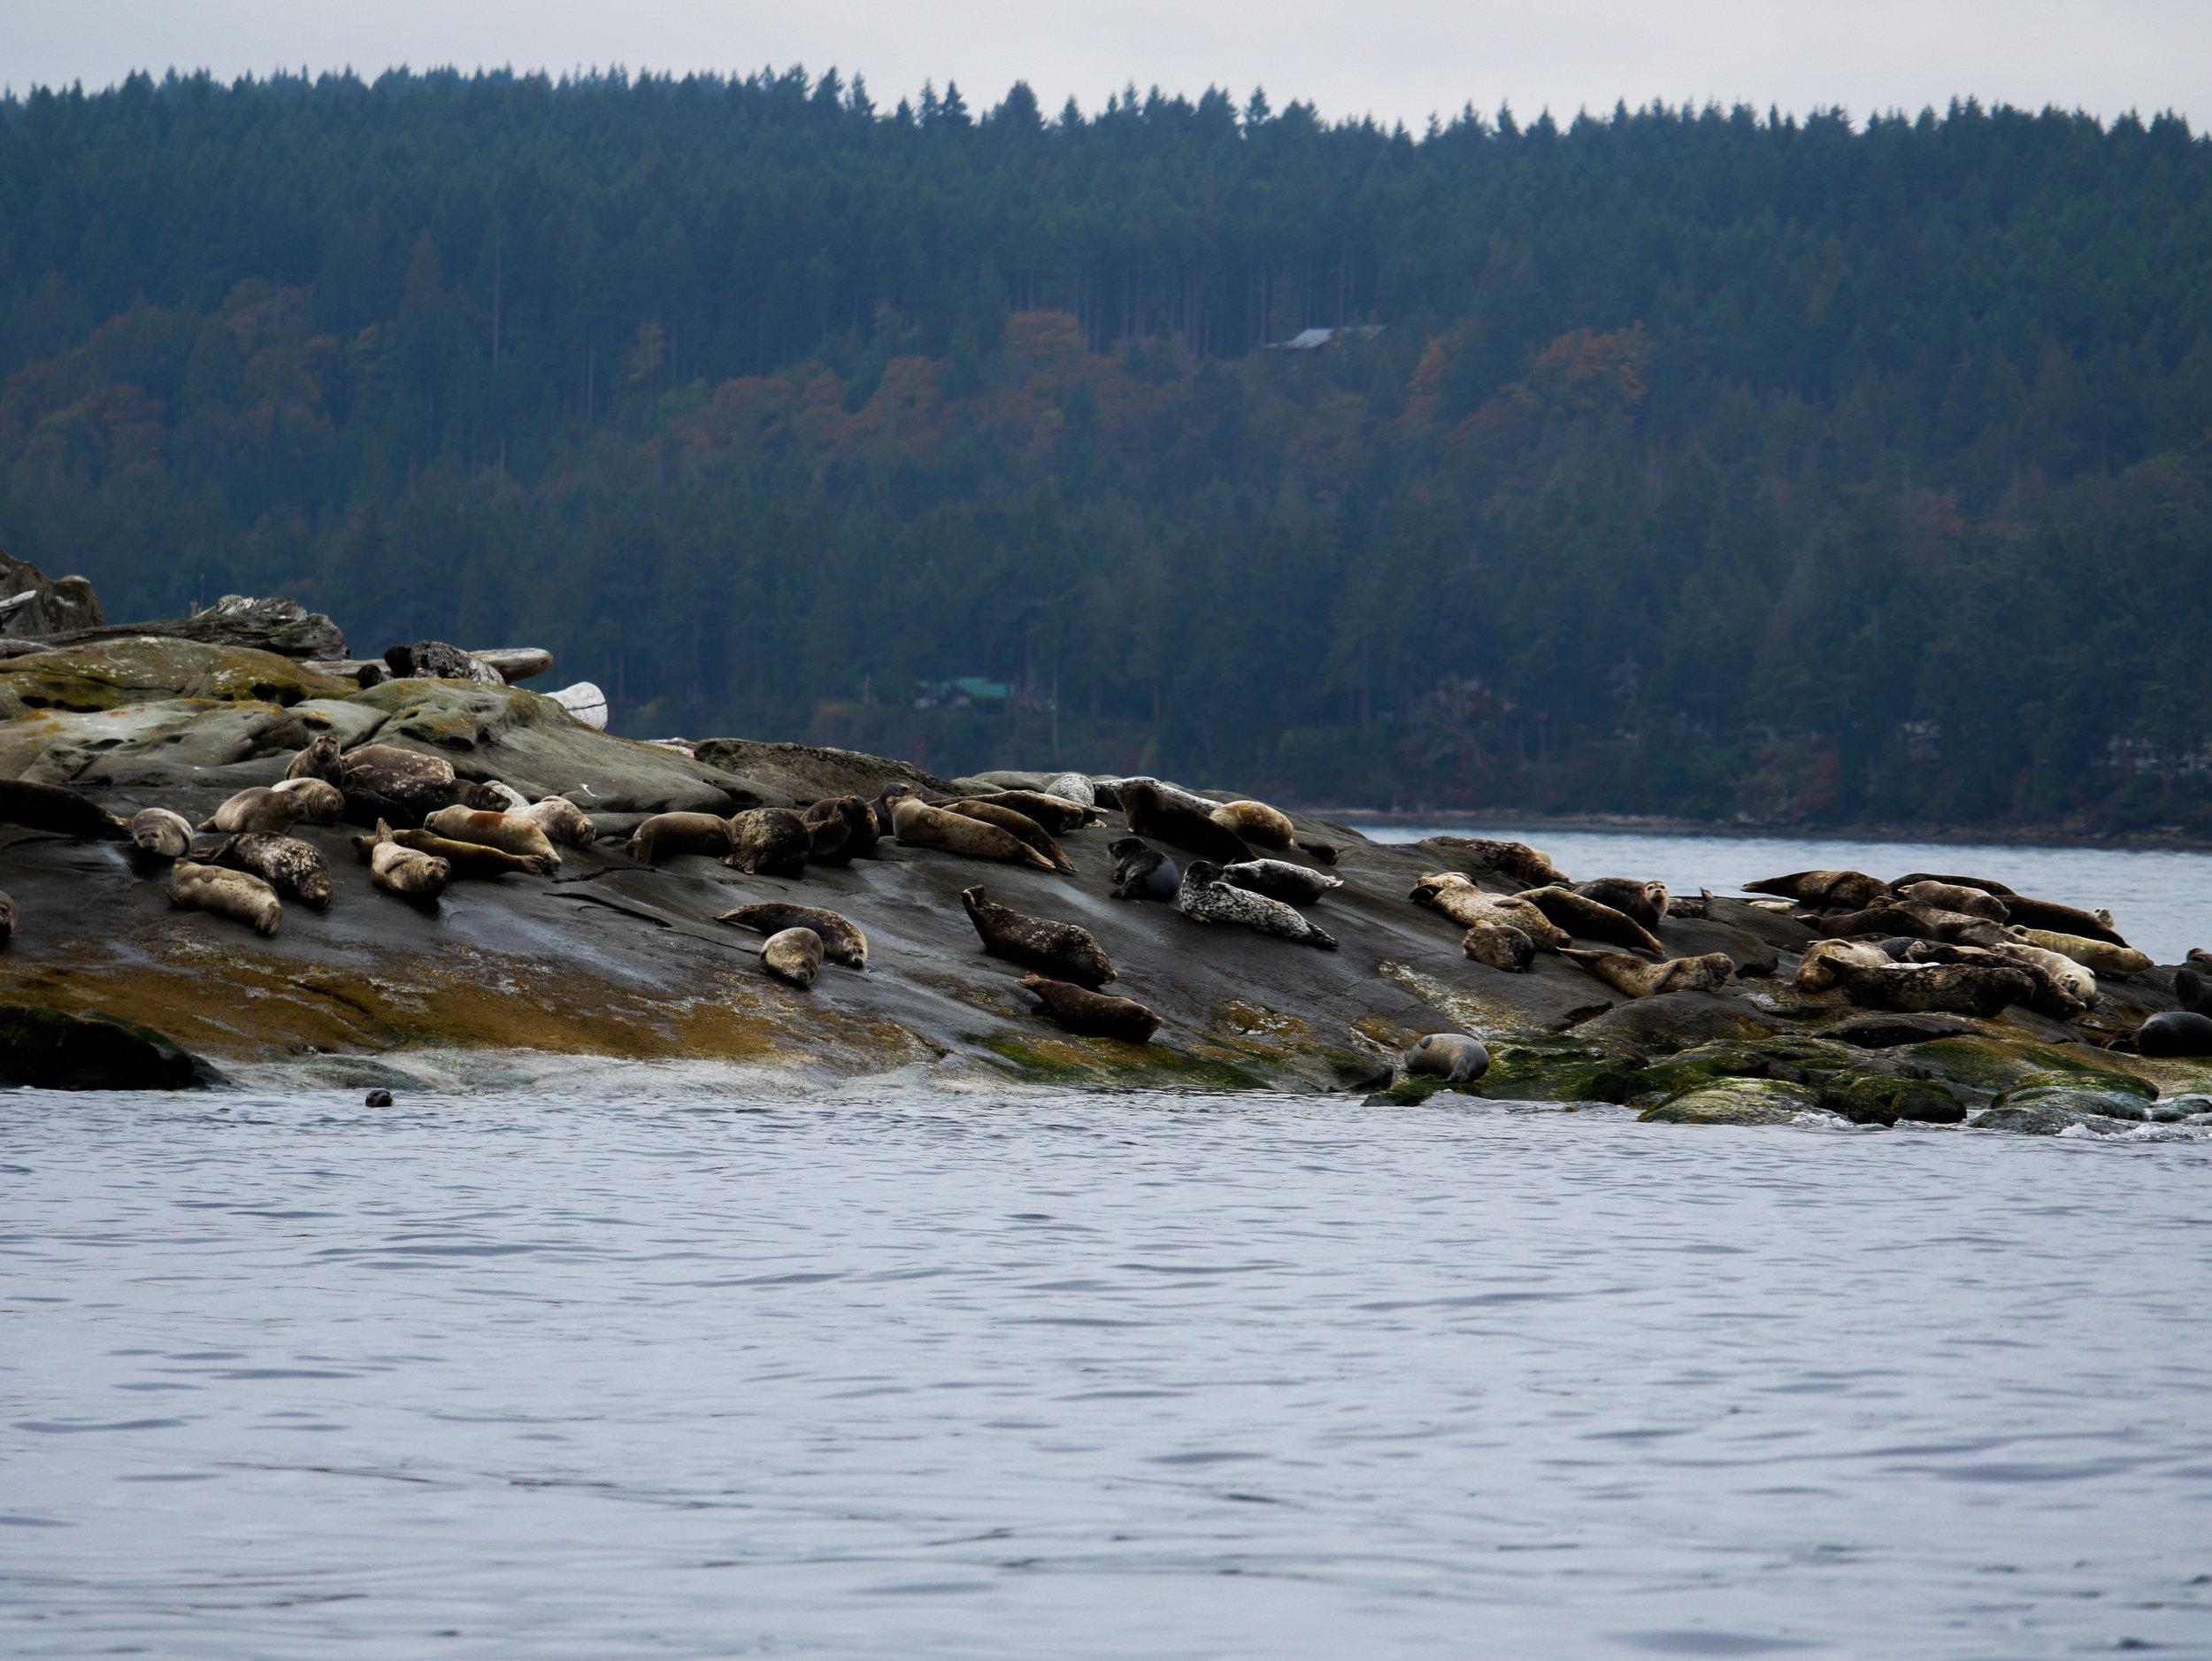 Habour seal haul-out! Photo by Alanna Vivani - 10:30 tour.